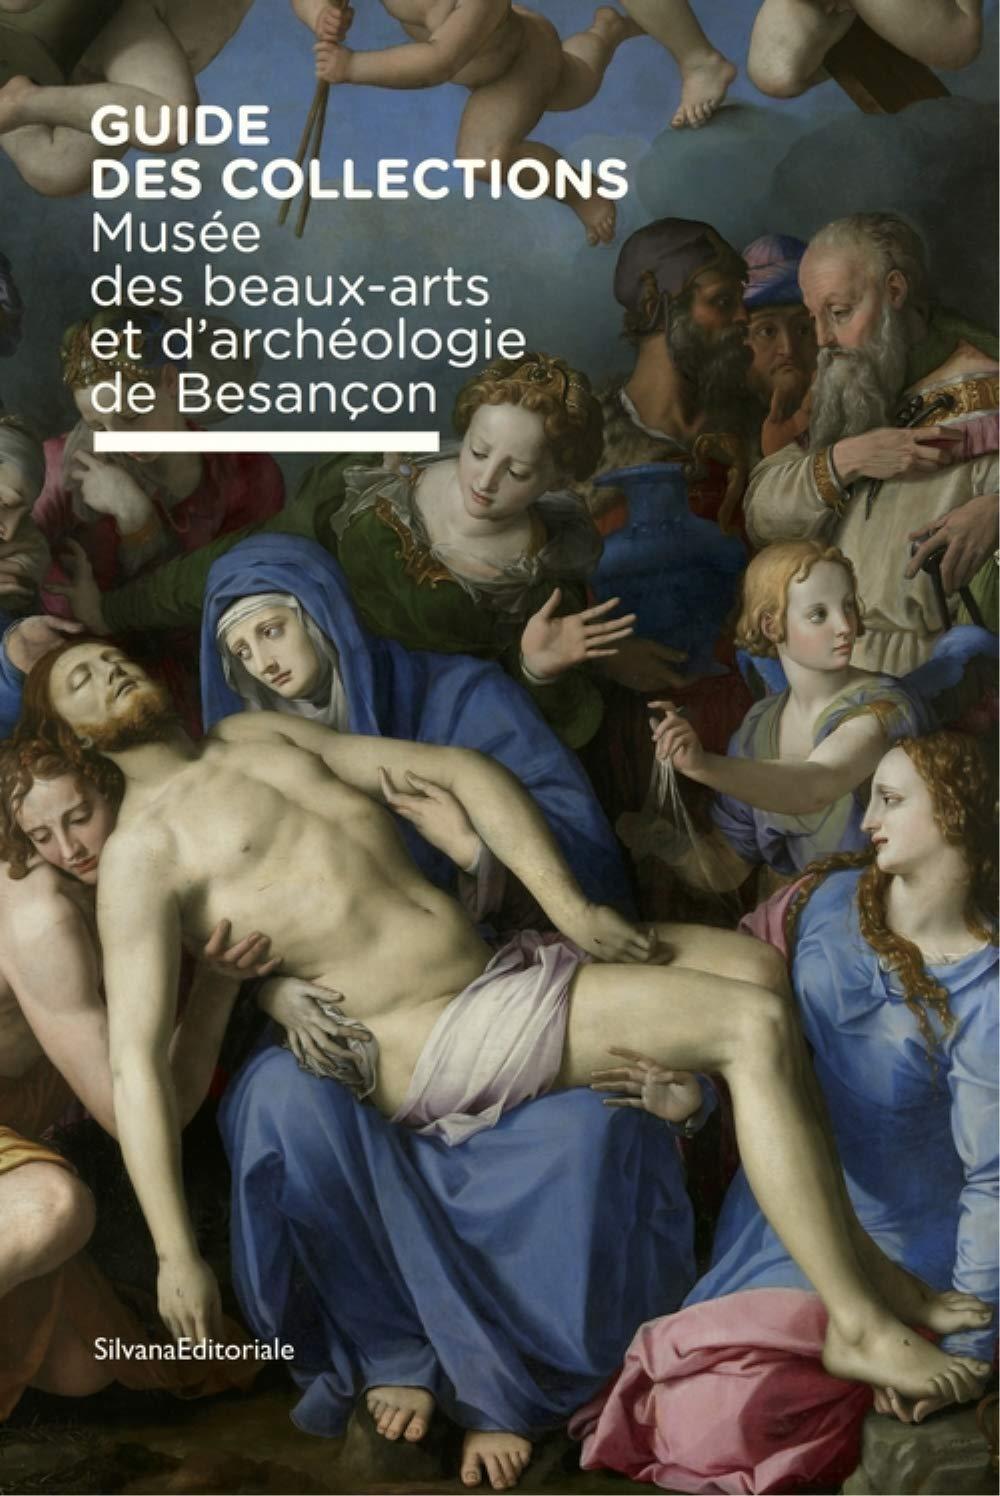 Musée des beaux-arts et d'archéologie de Besançon. Guide des collection. Ediz. illustrata (Arte)